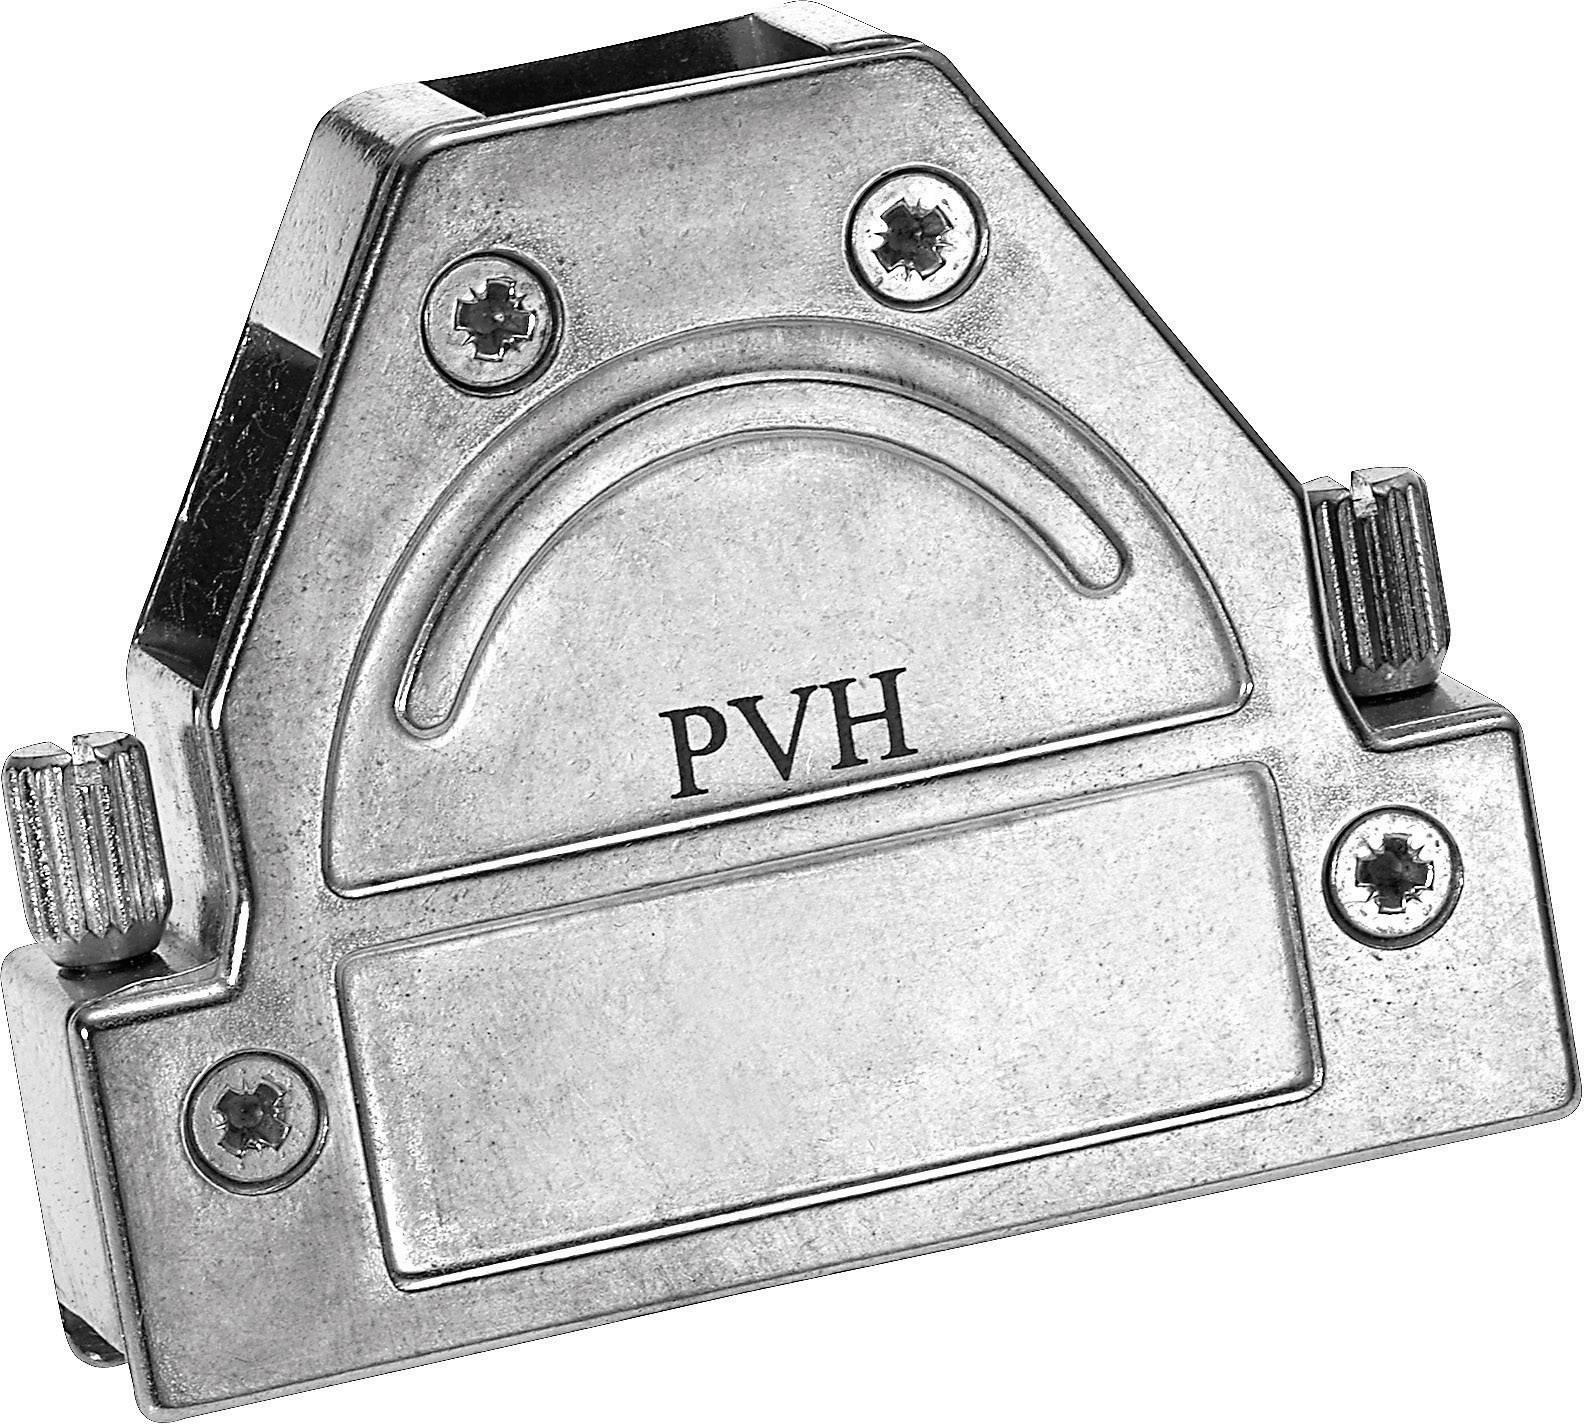 D-SUB púzdro Provertha 1737DC25001 1737DC25001, počet pinov: 37, kov, 180 °, strieborná, 1 ks